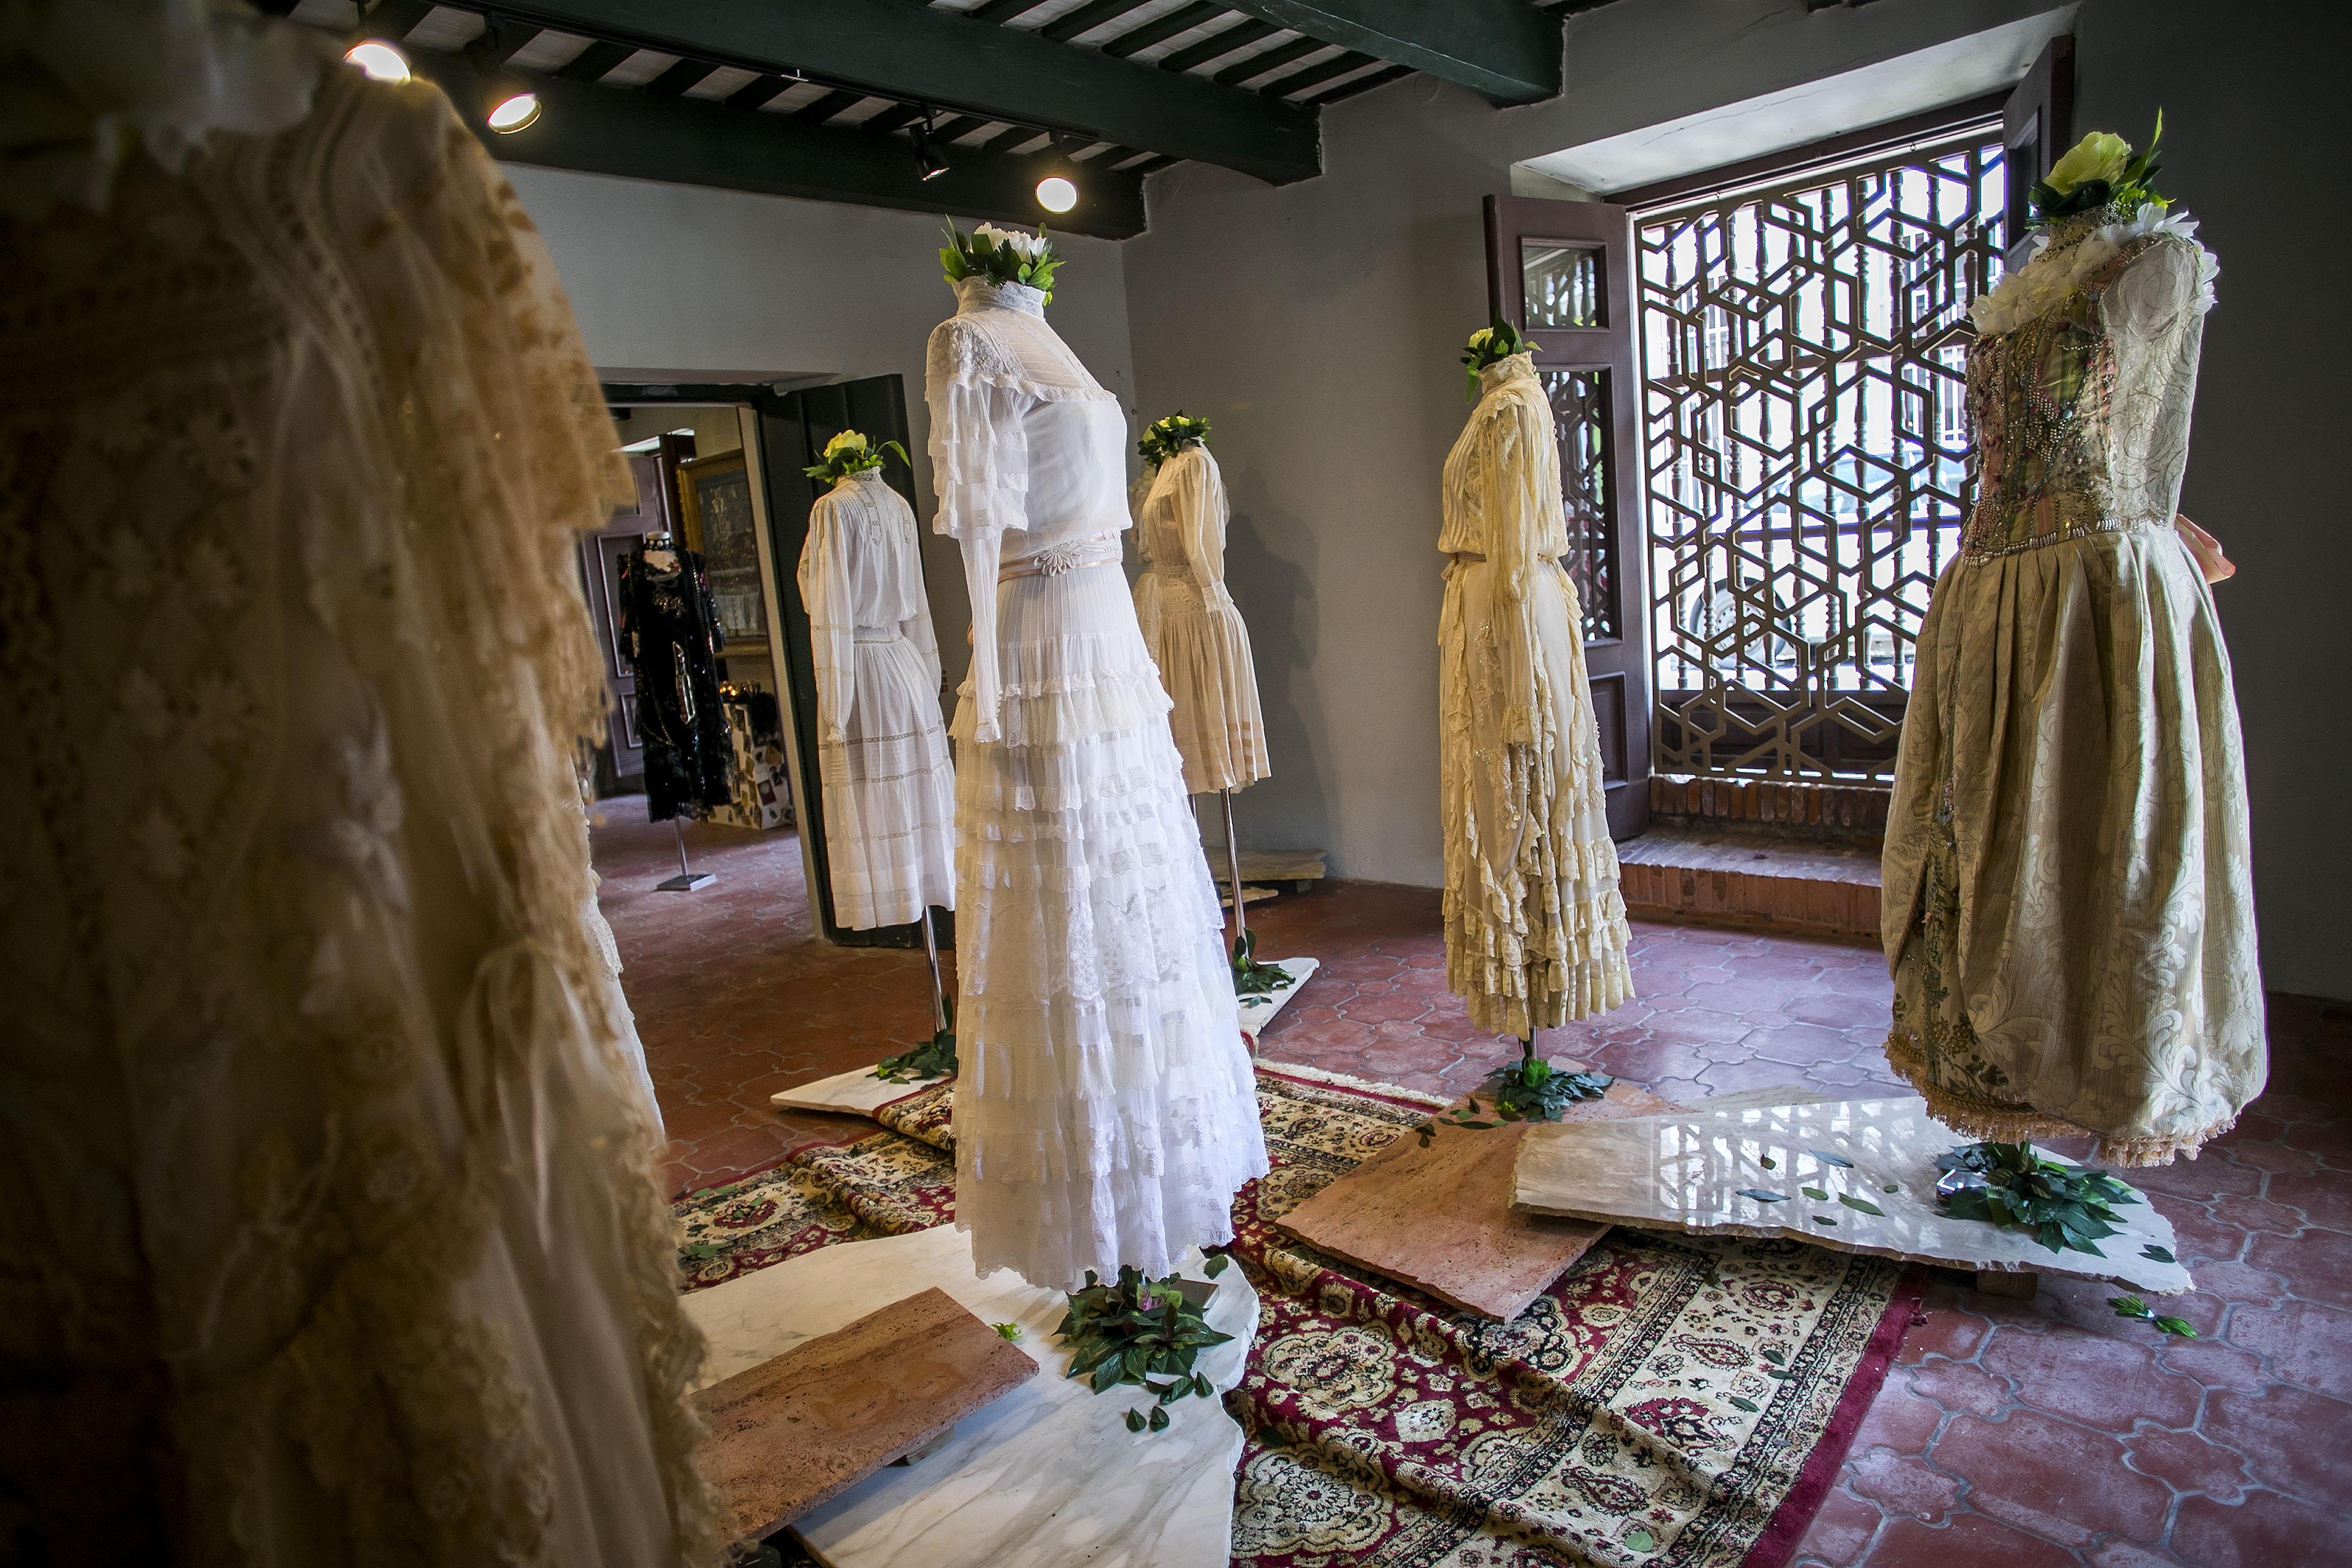 En uno de los salones hay doce vestidos de boda que utilizaron algunas personalidades, modelos y socialités puertorriqueñas, incluyendo a Cappalli. (Foto: Xavier García)